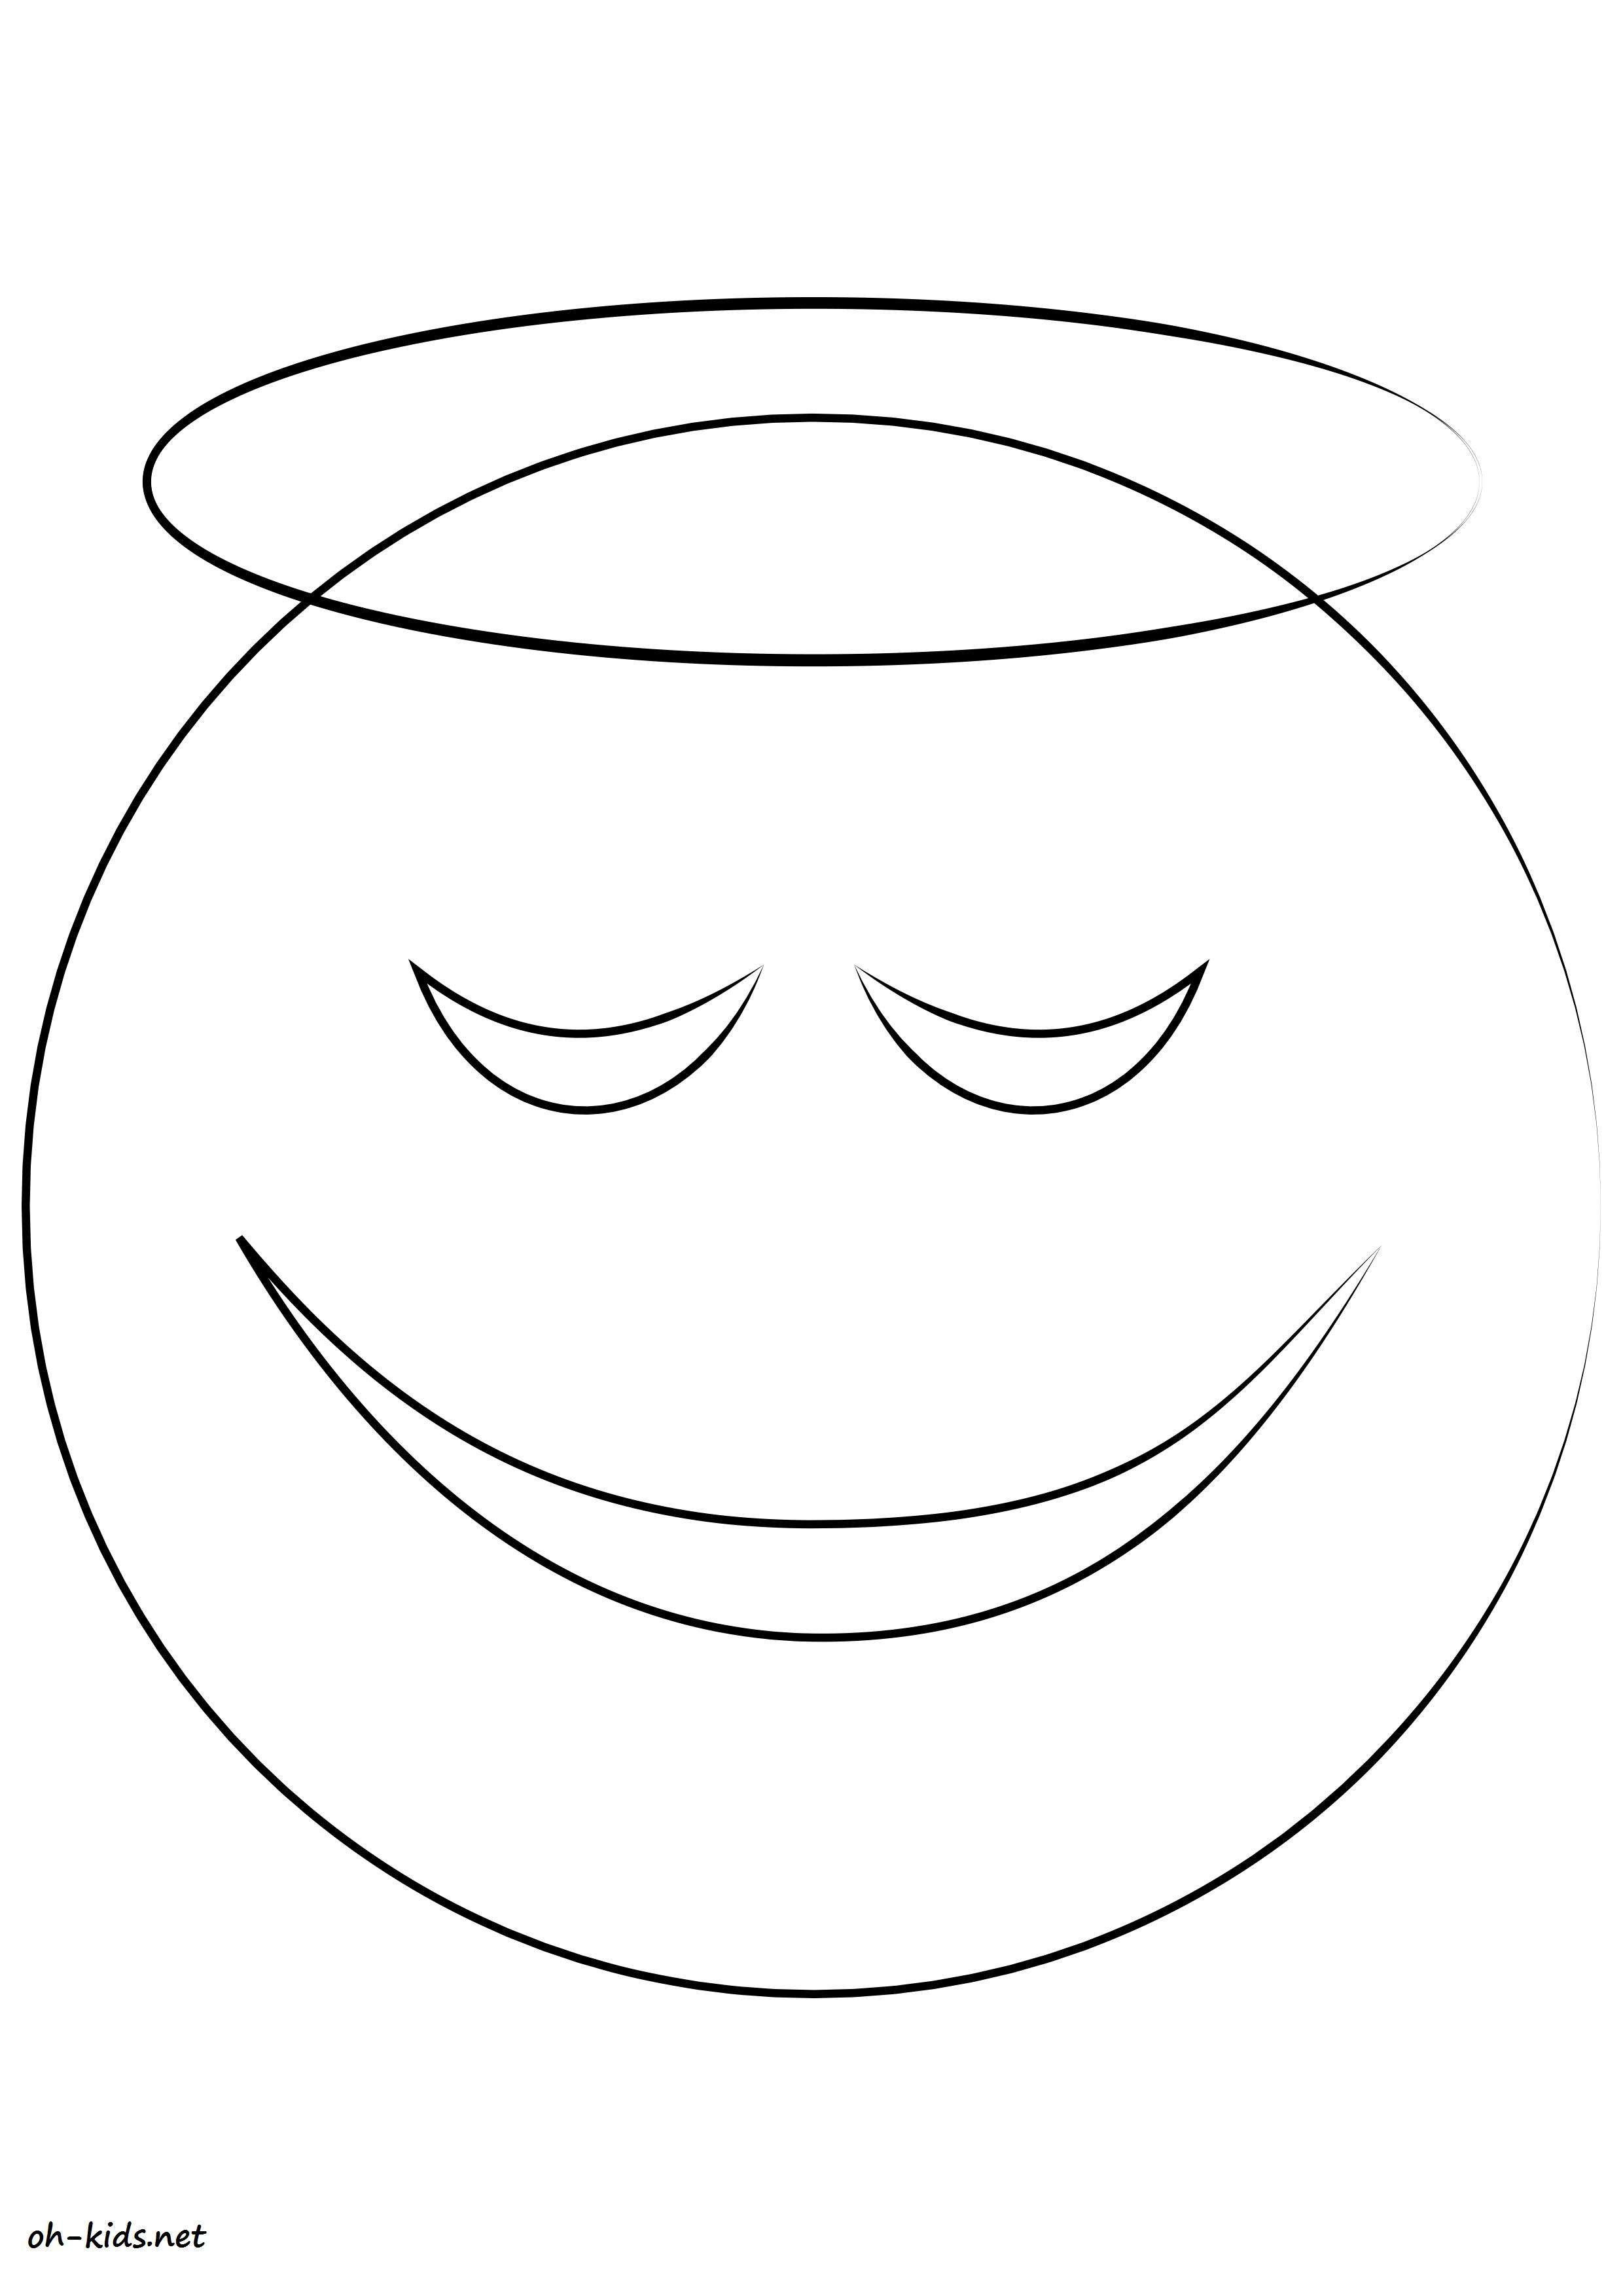 Coloriage Smiley